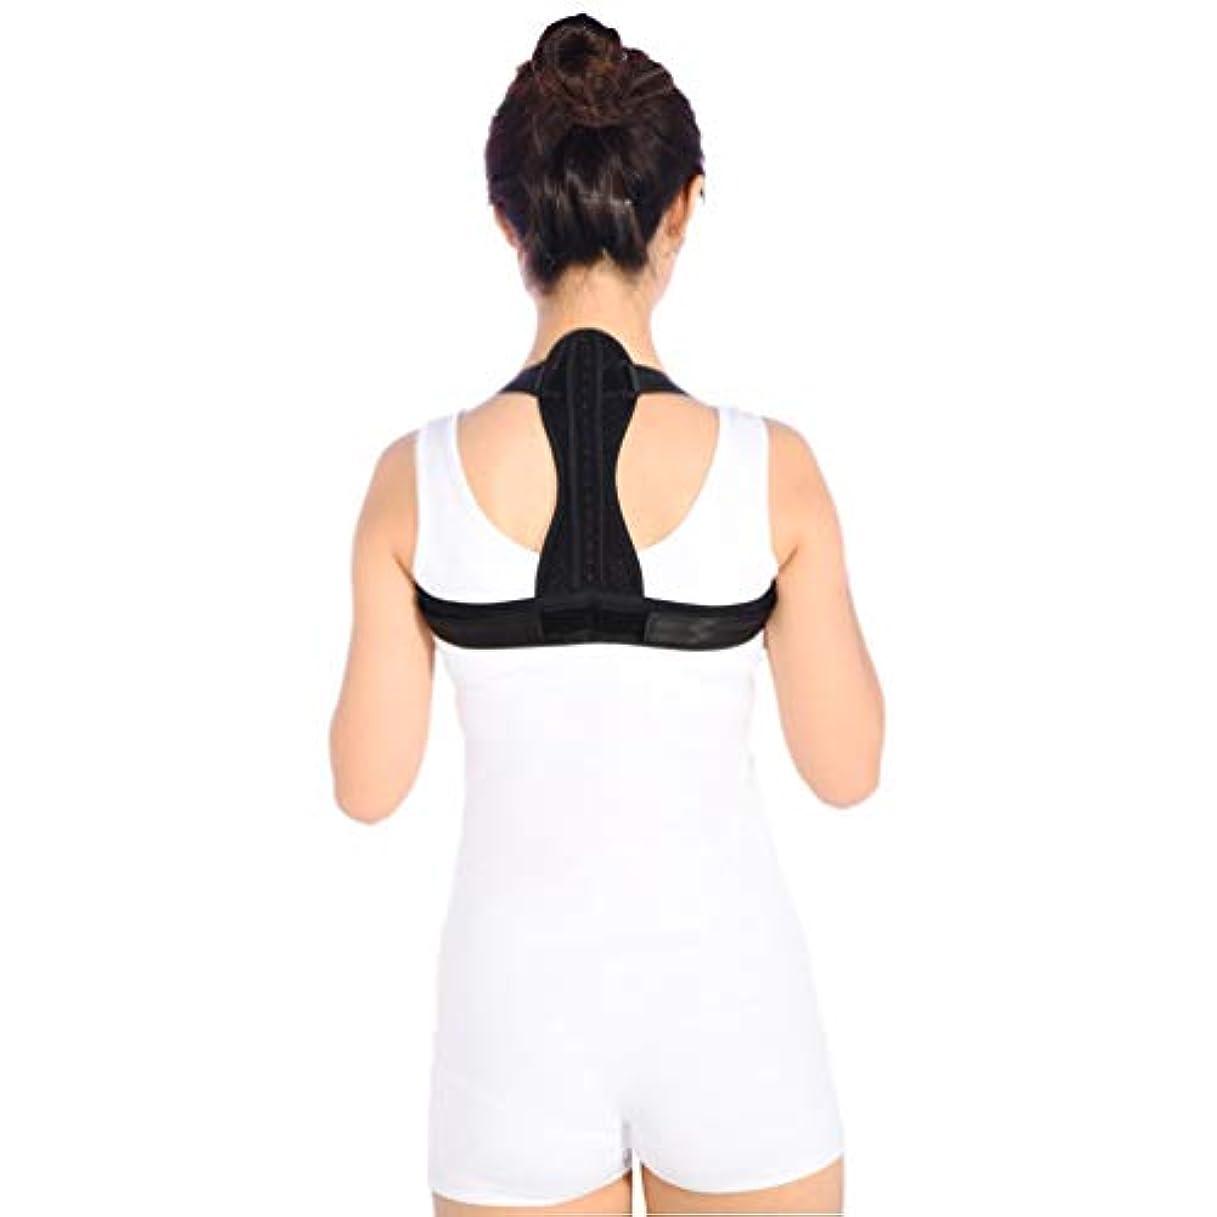 魔法トラップリラックス通気性の脊柱側弯症ザトウクジラ補正ベルト調節可能な快適さ目に見えないベルト男性女性大人学生子供 - 黒